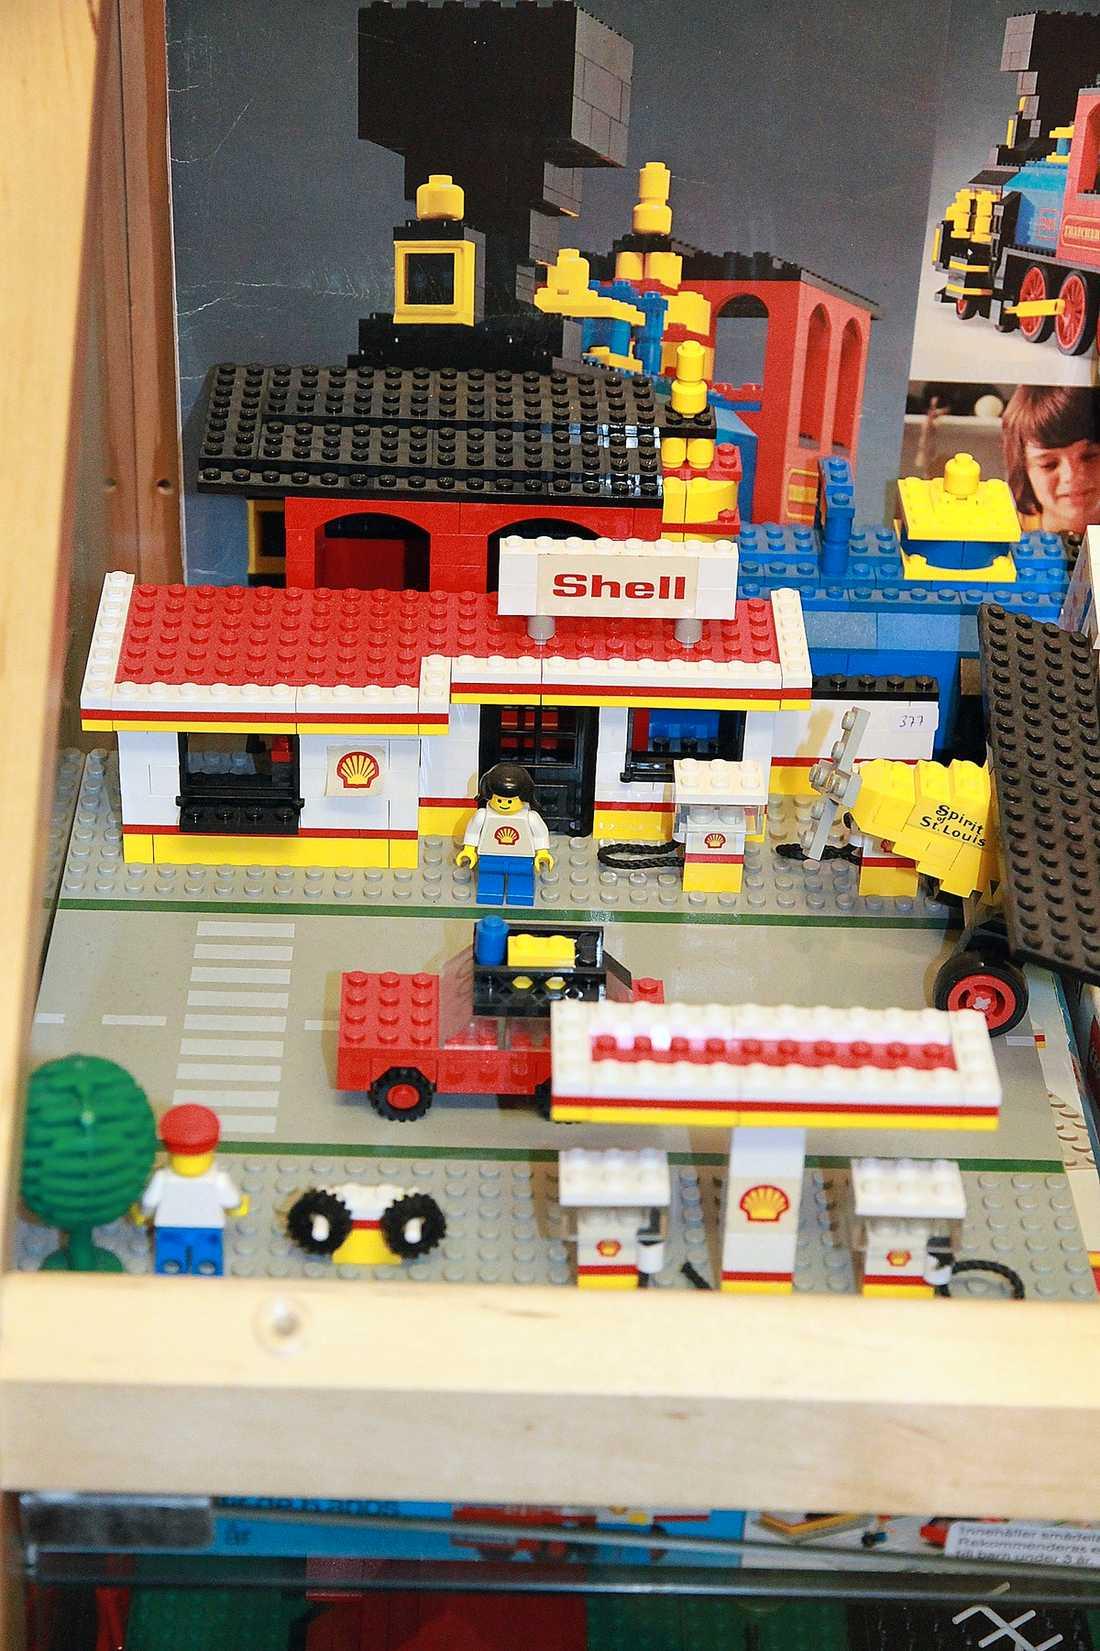 MACKEN Legomackarna kom med tre olika logotyper. Först ut var multijätten Esso, som sedan blev Exxon. Dessutom kunde man köpa Shell-mackar. Men för att slippa förknippas med oljekatastrofer och miljöskandaler har Lego nu för tiden det egna mackmärket Octan.